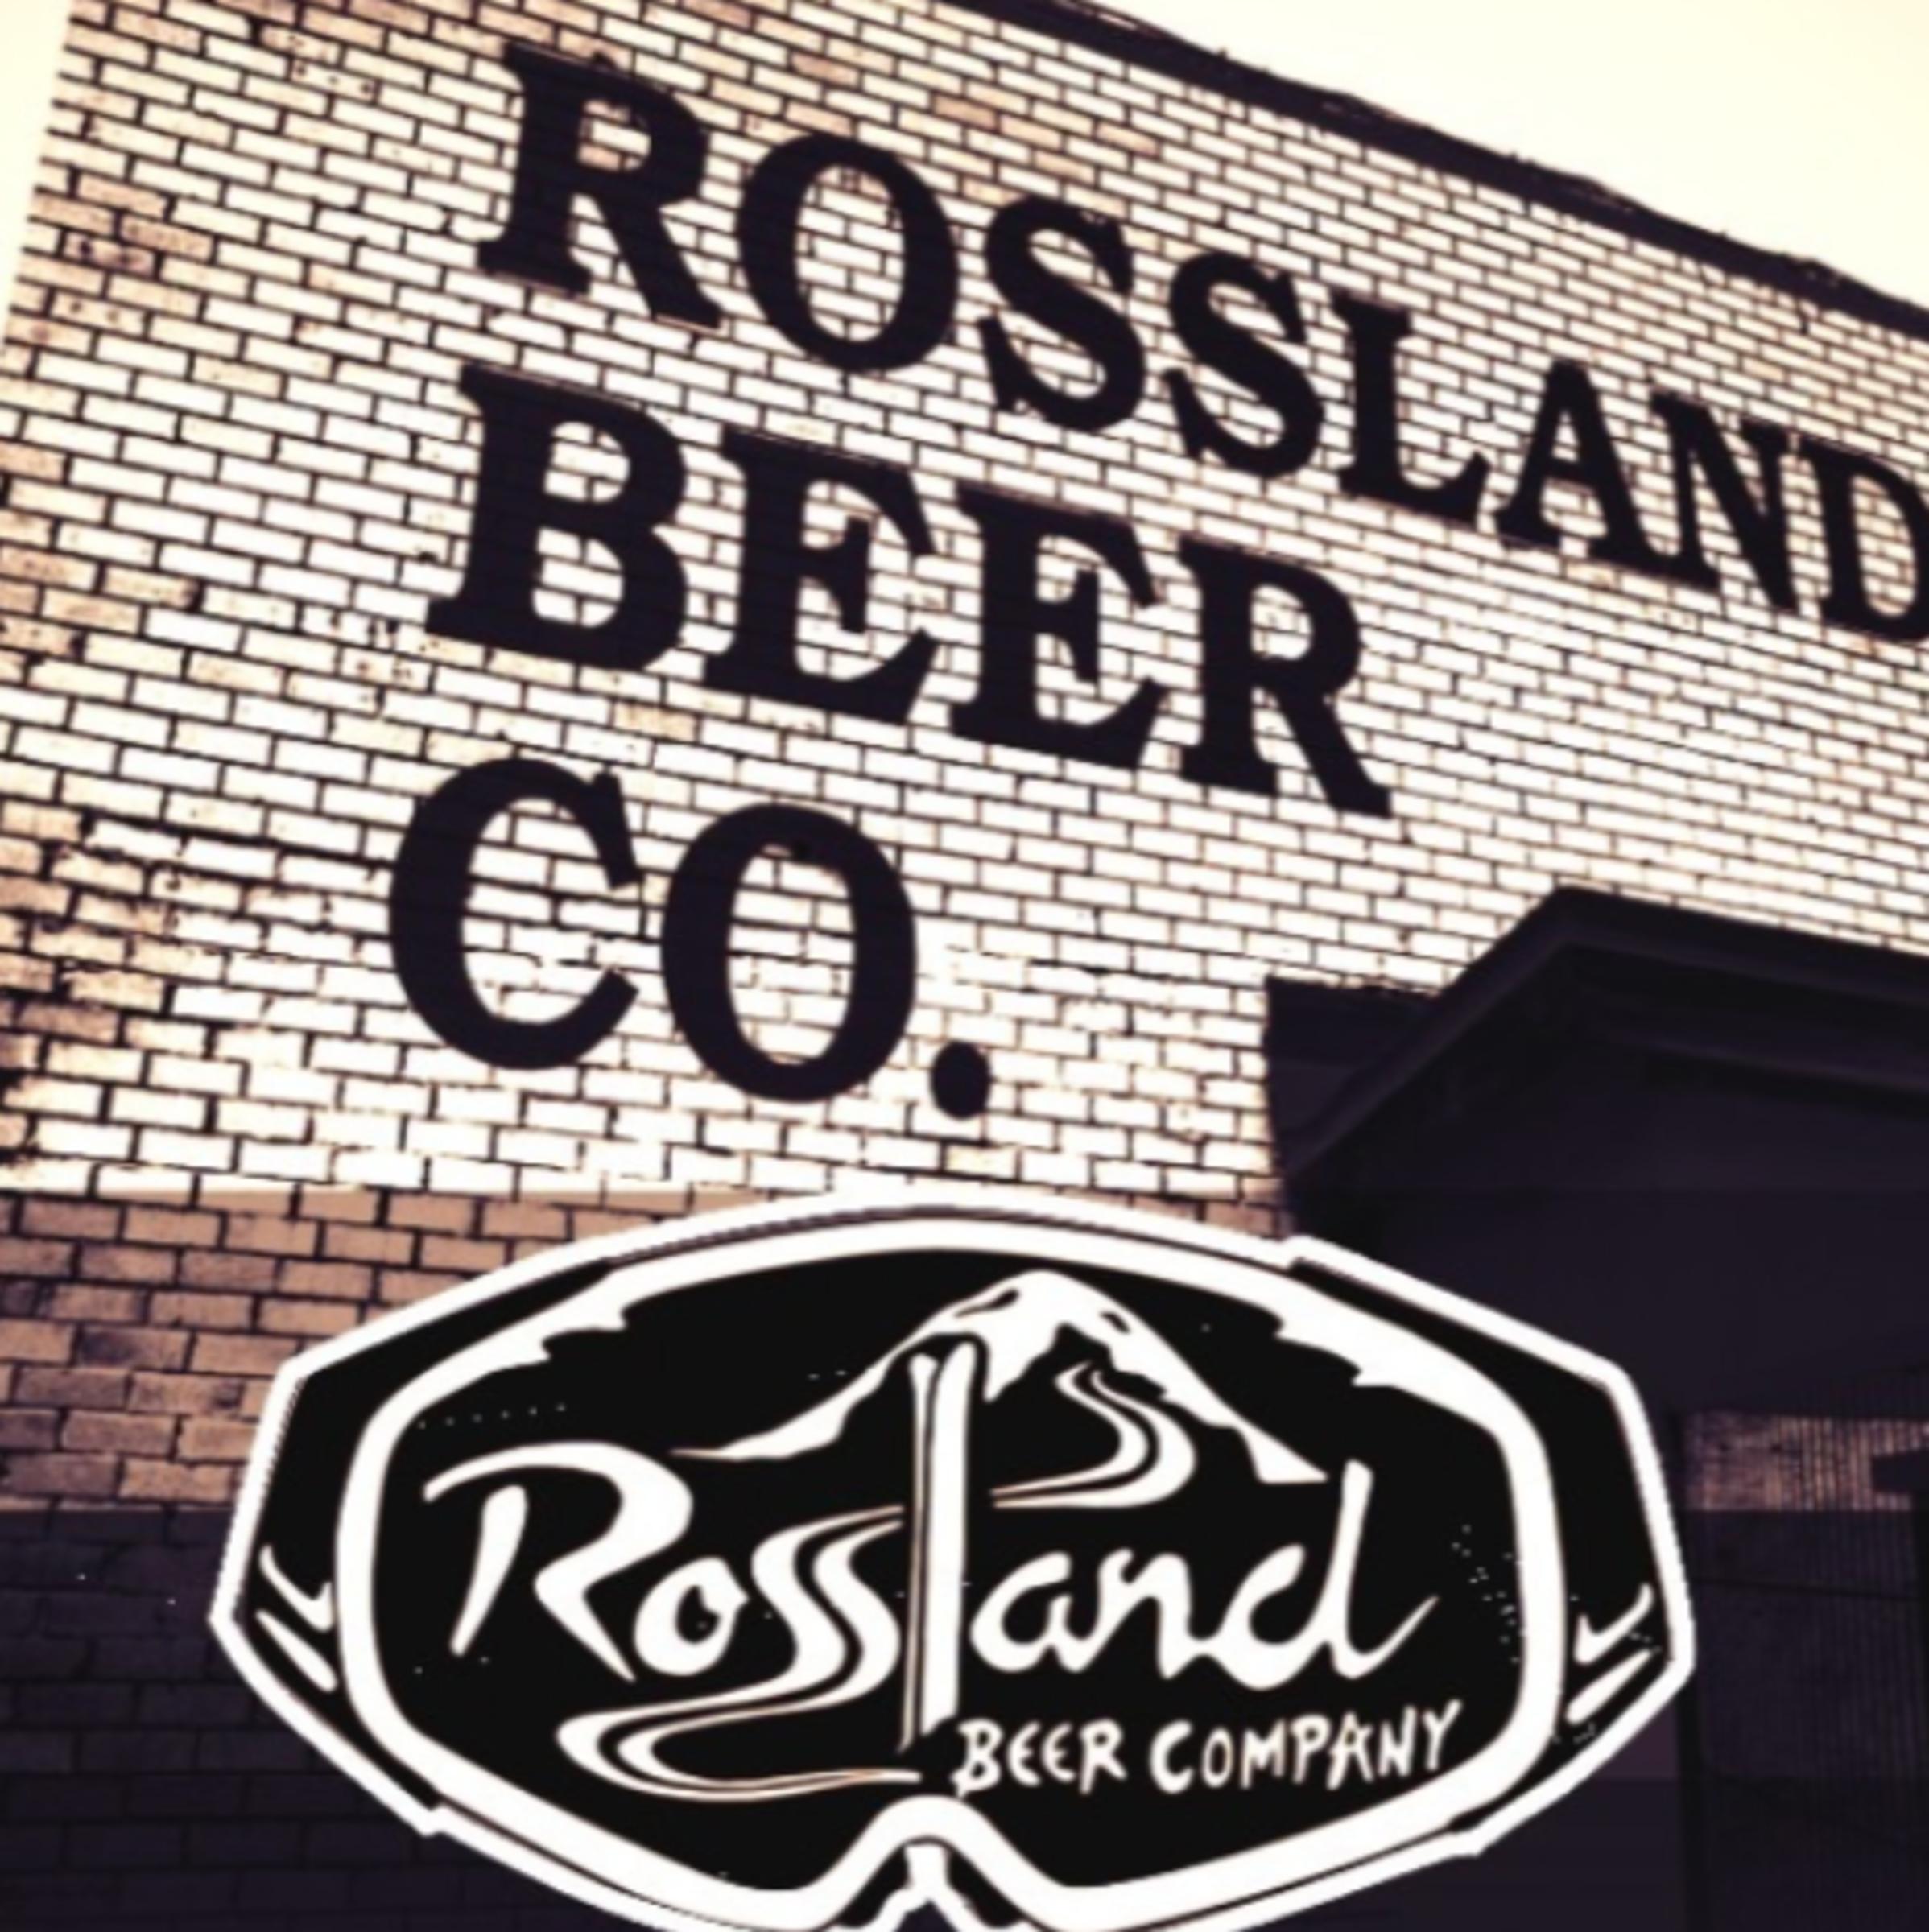 Desktop rossland image2